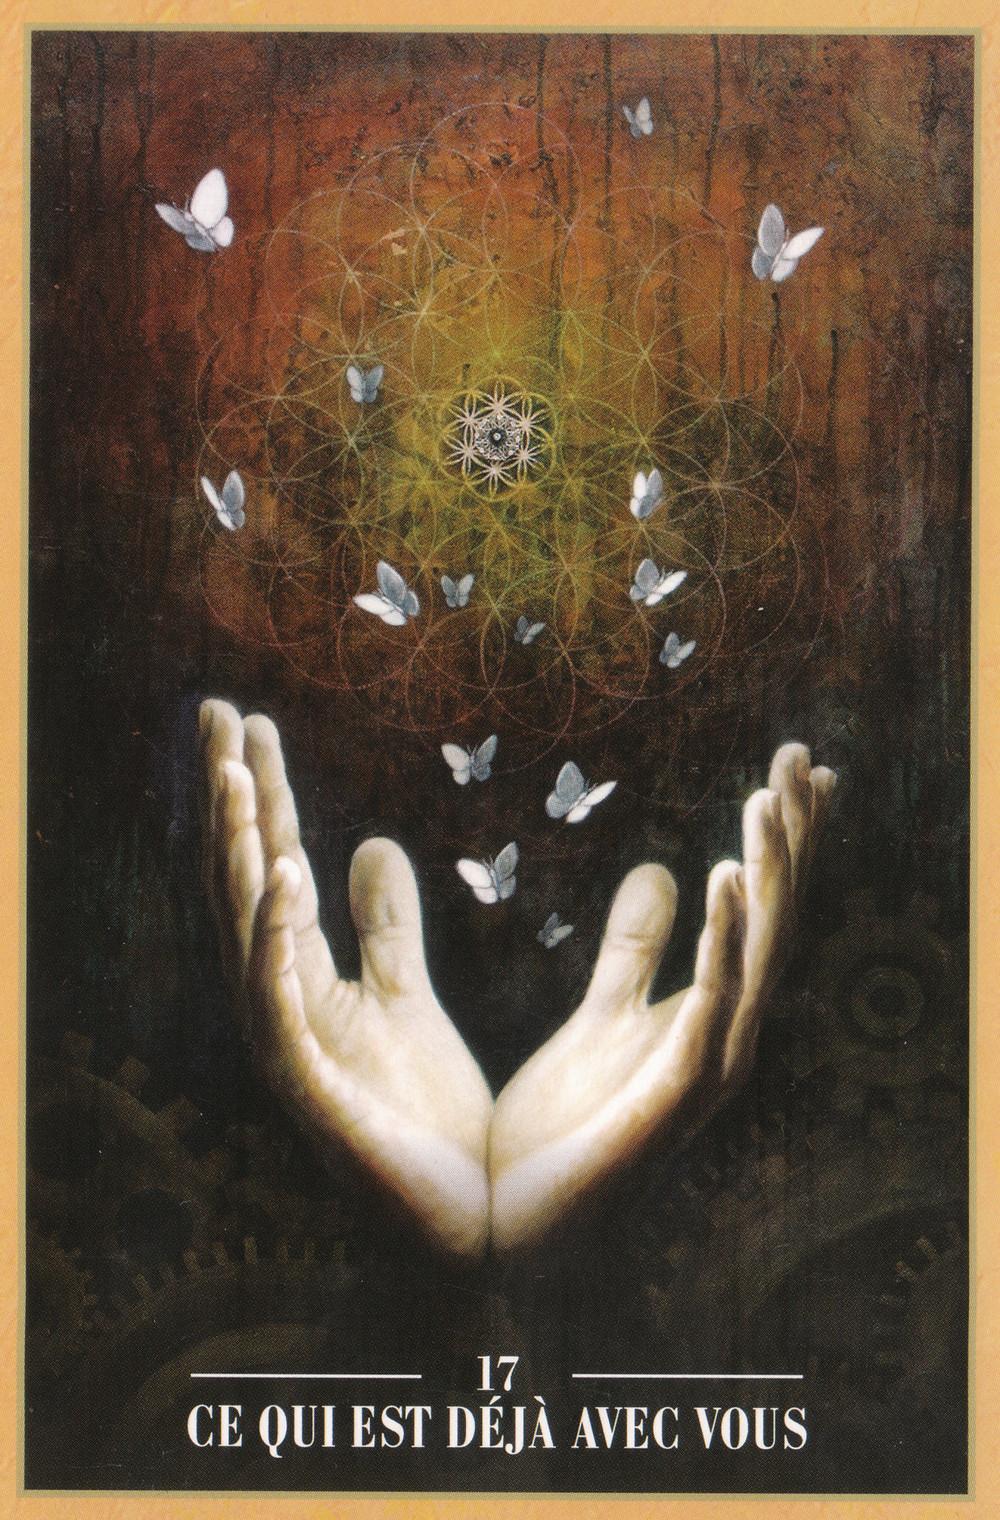 Carte de L'Oracle des Rebelles Sacrés d'Alana Fairchild - 17 - Ce qui est déjà avec vous - Energies du 6 au 12 avril 2020 : Quand l'Amour nous aide à Voir que Tout est déjà là...